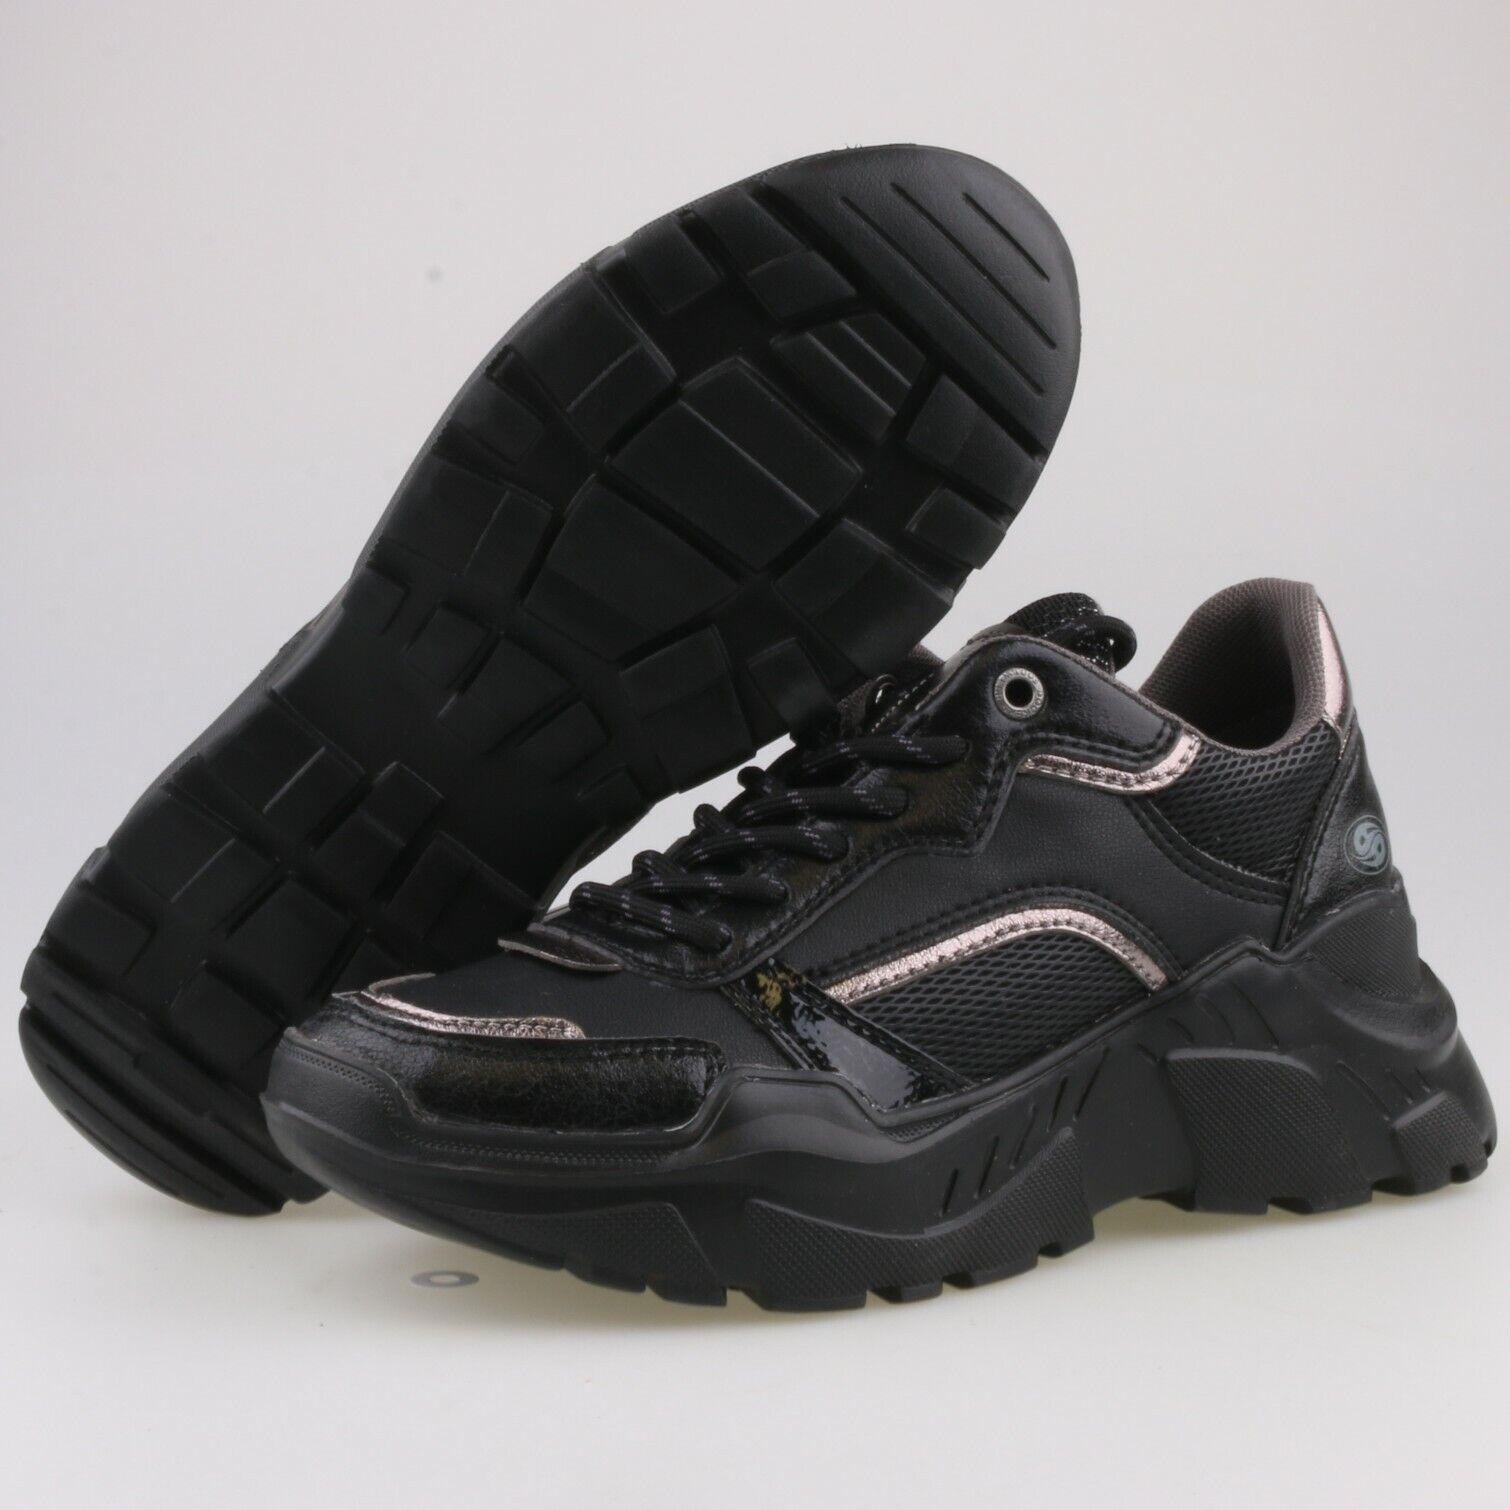 4087-NEU DOCKERS Damenschuhe Gr 36 Schuhe Halbschuhe Sneaker Plateau Schnürer